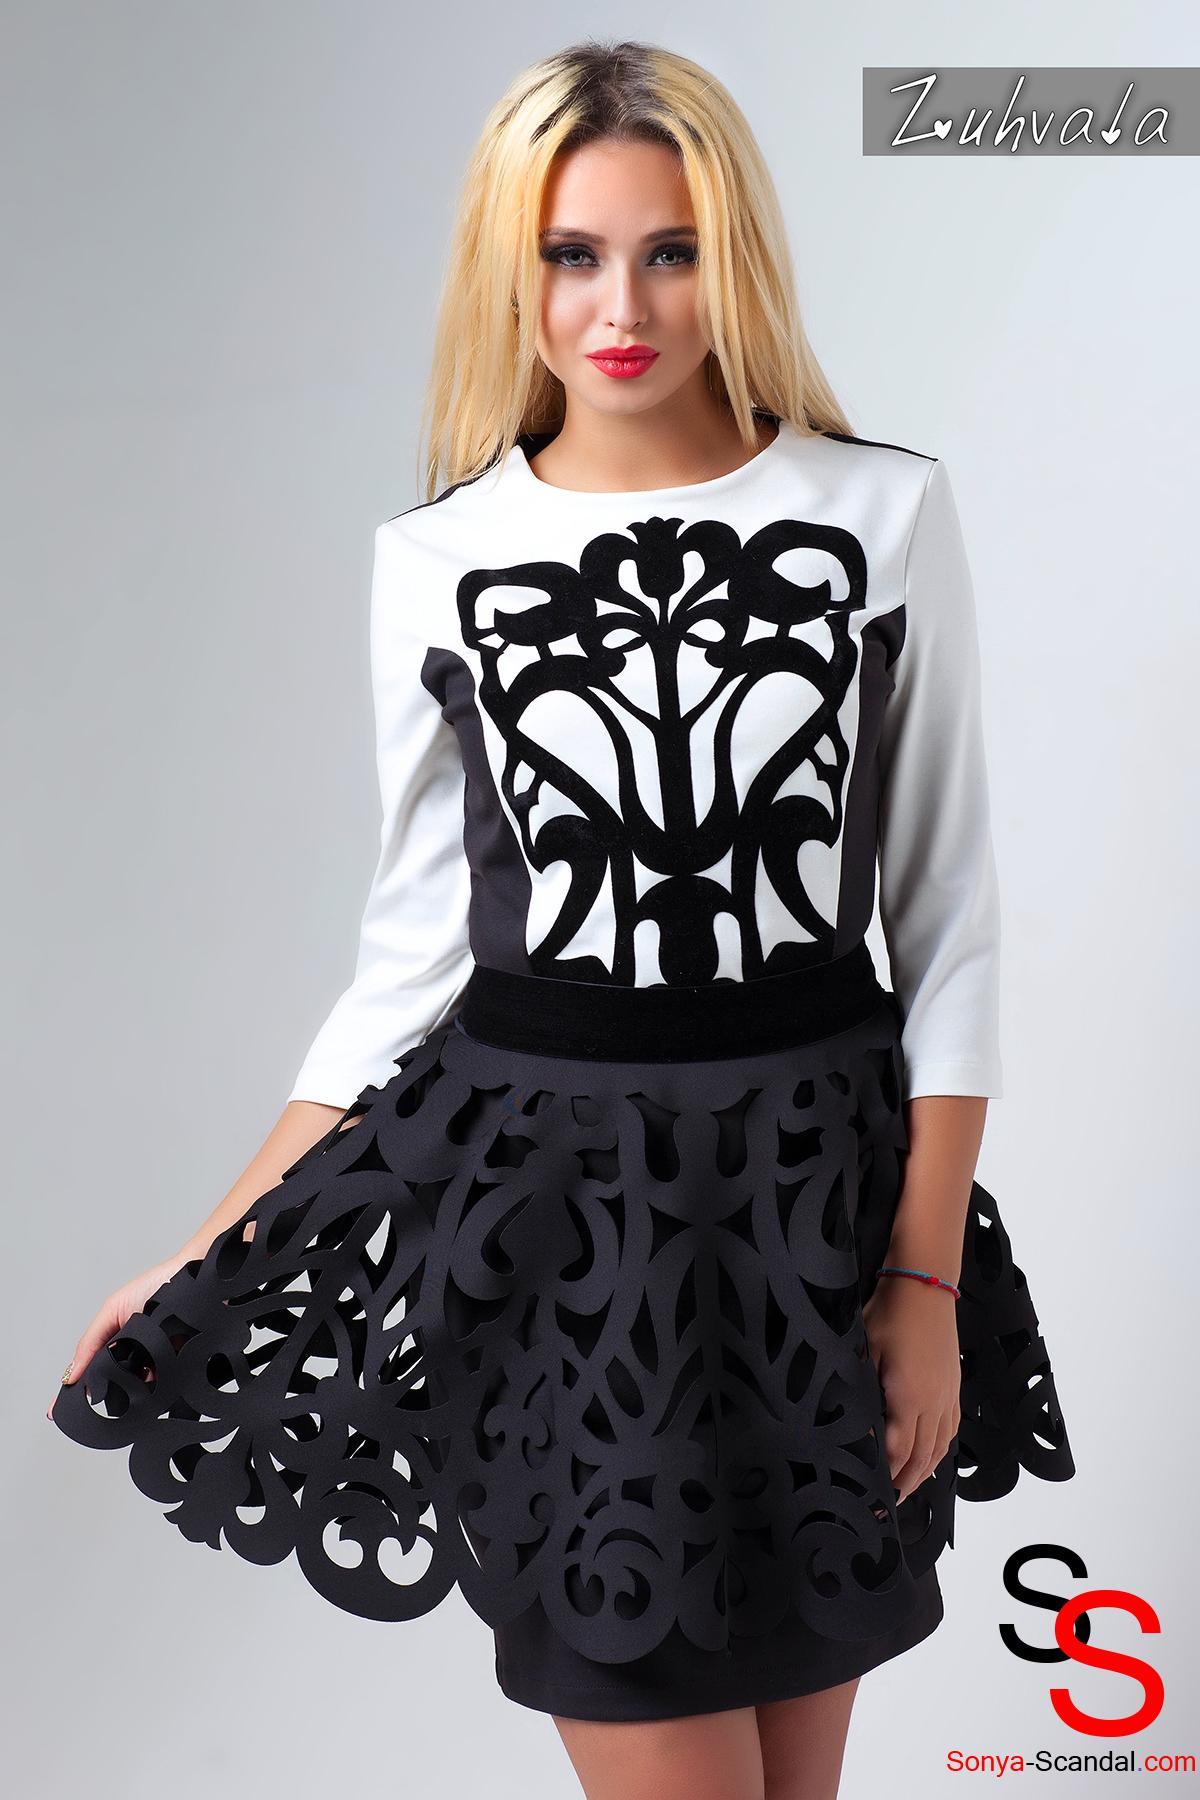 Сбор заказов. Стильная дизайнерская одежда для самых красивых! Эксклюзивные модели от ТМ Sonya Scandal, Angel Provocation, Veer-Mar, Chia Brand, Zuhvala. Много новинок ! Выкуп-9.